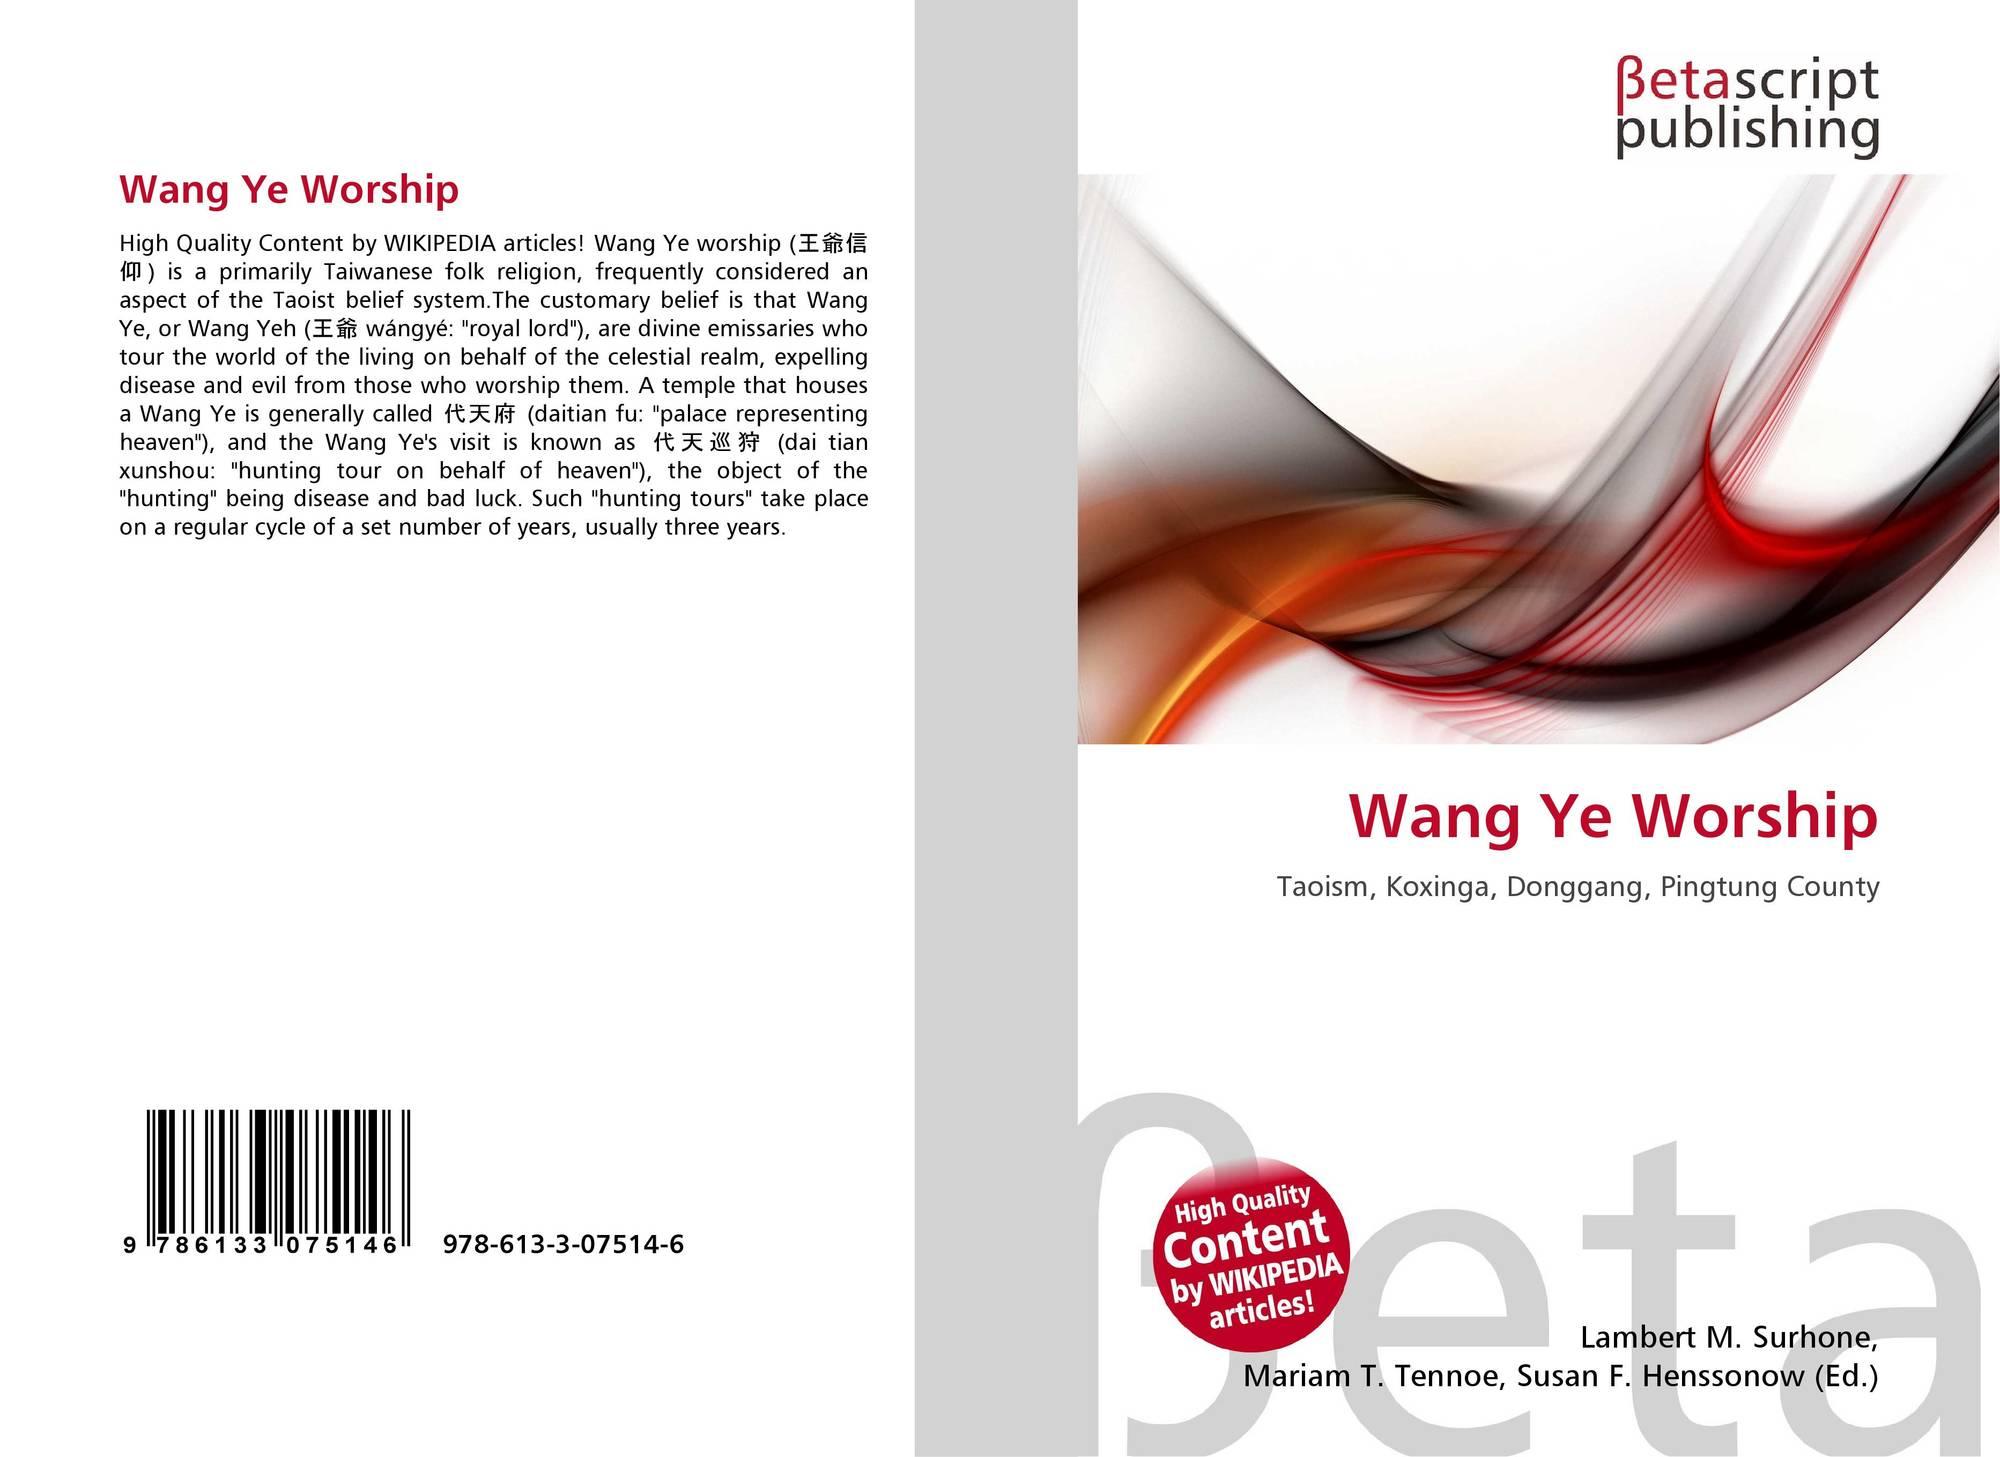 Wang Ye worship